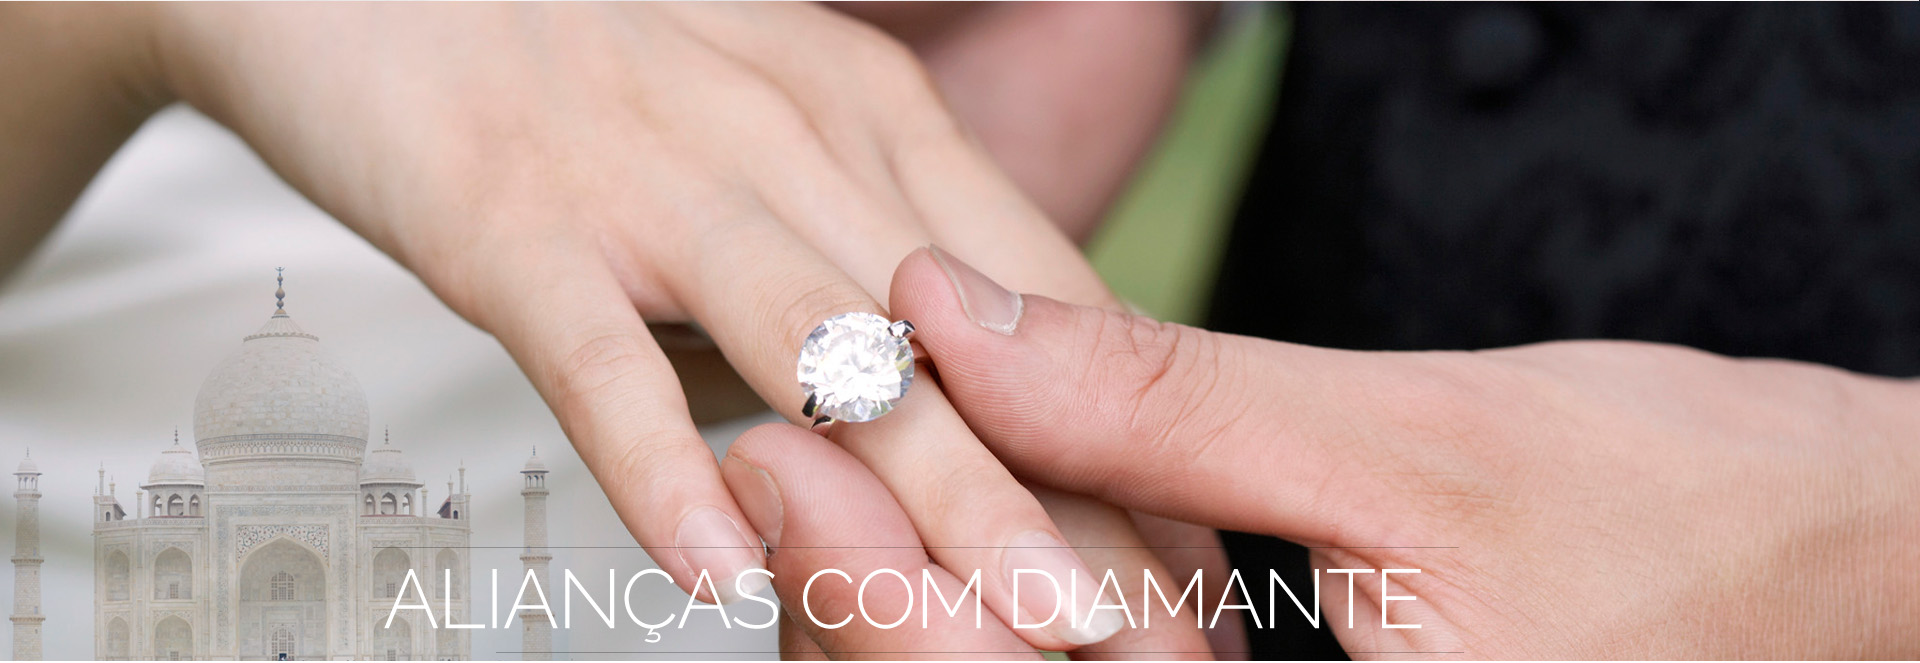 Alianças com diamante